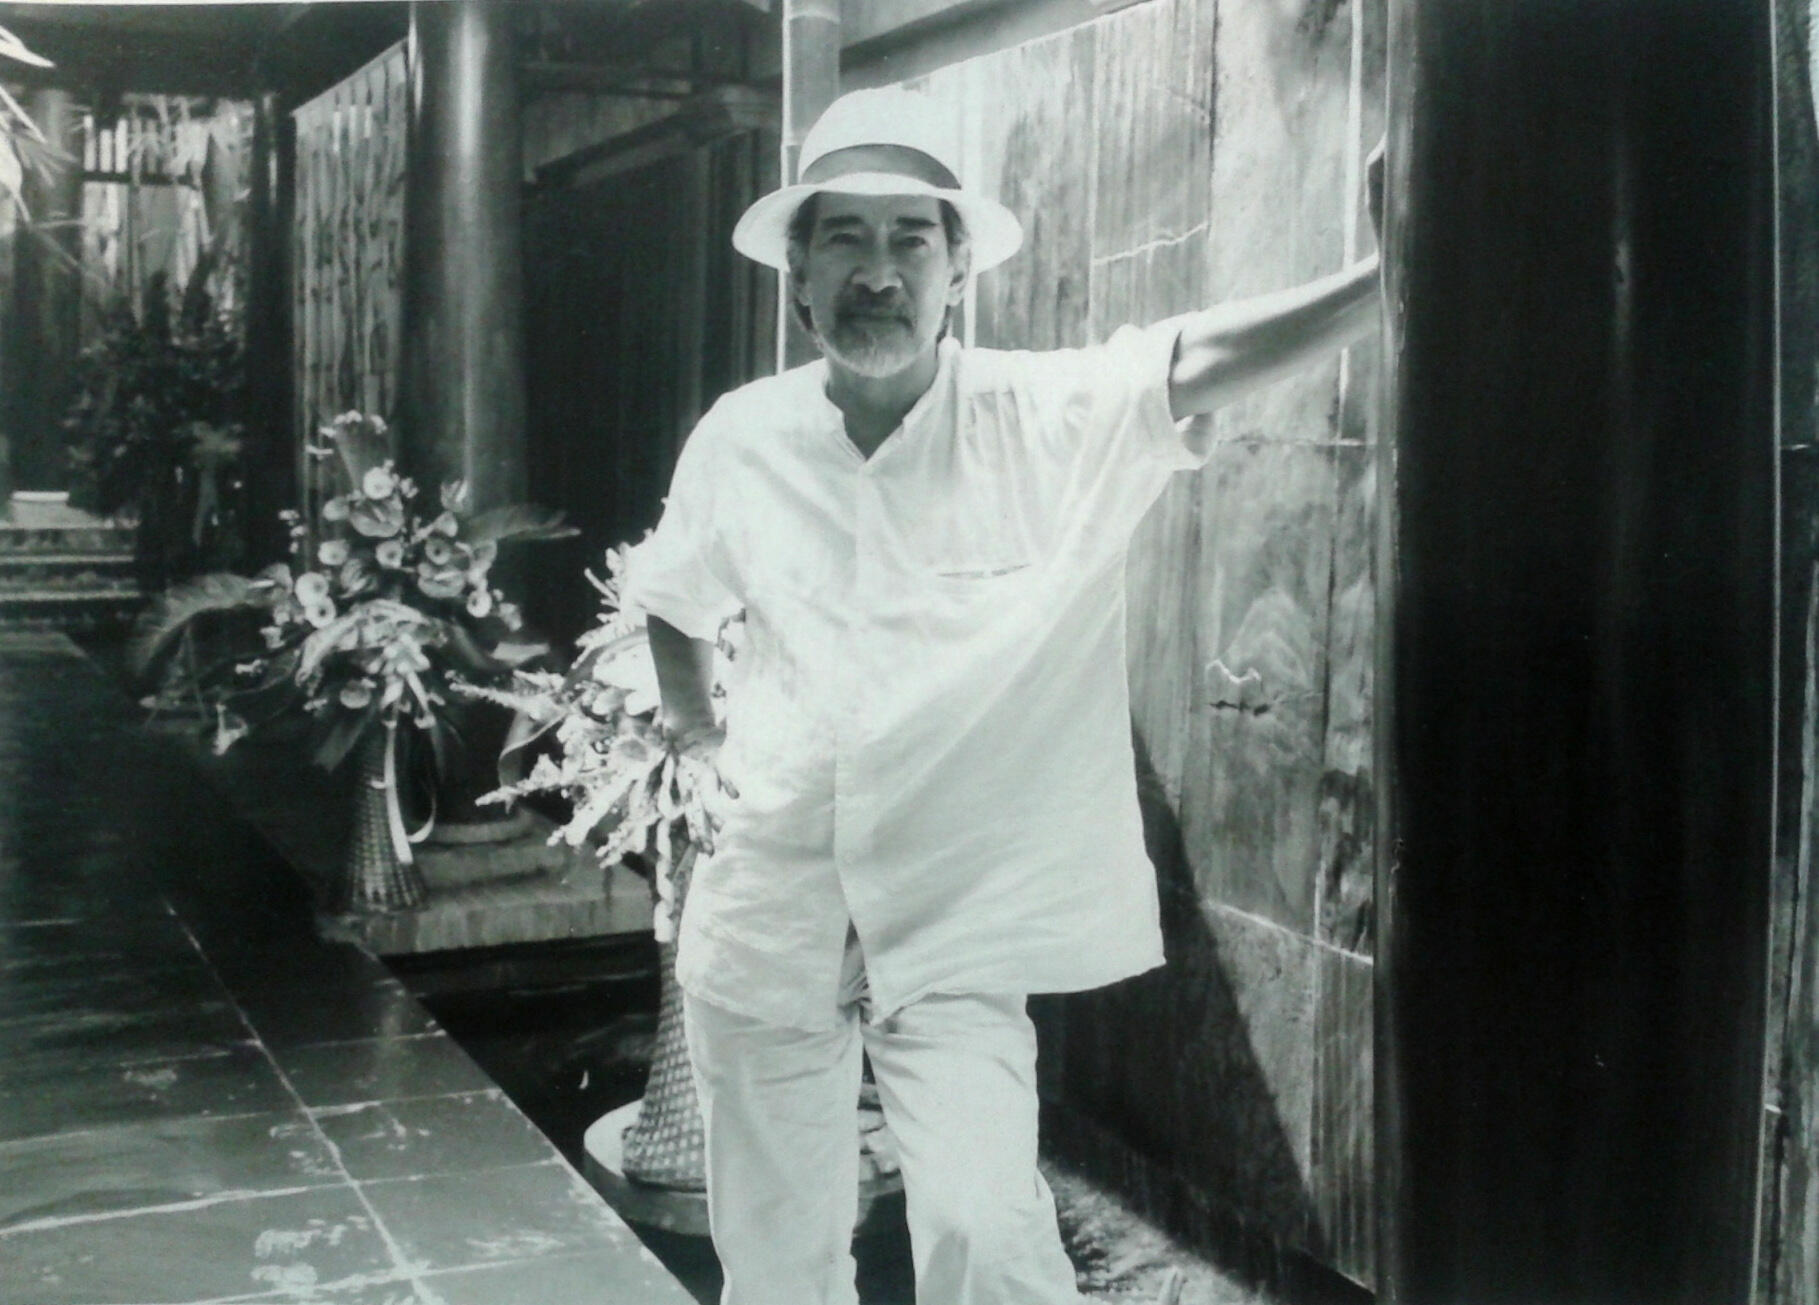 """Họa sĩ Nguyên Cầm trong lần tổ chức triển lãm """"Âm nhạc của Im lặng"""" năm 2004 ở Hà Nội tại Art Vietnam Gallery (Ảnh do tác giả cung cấp)"""